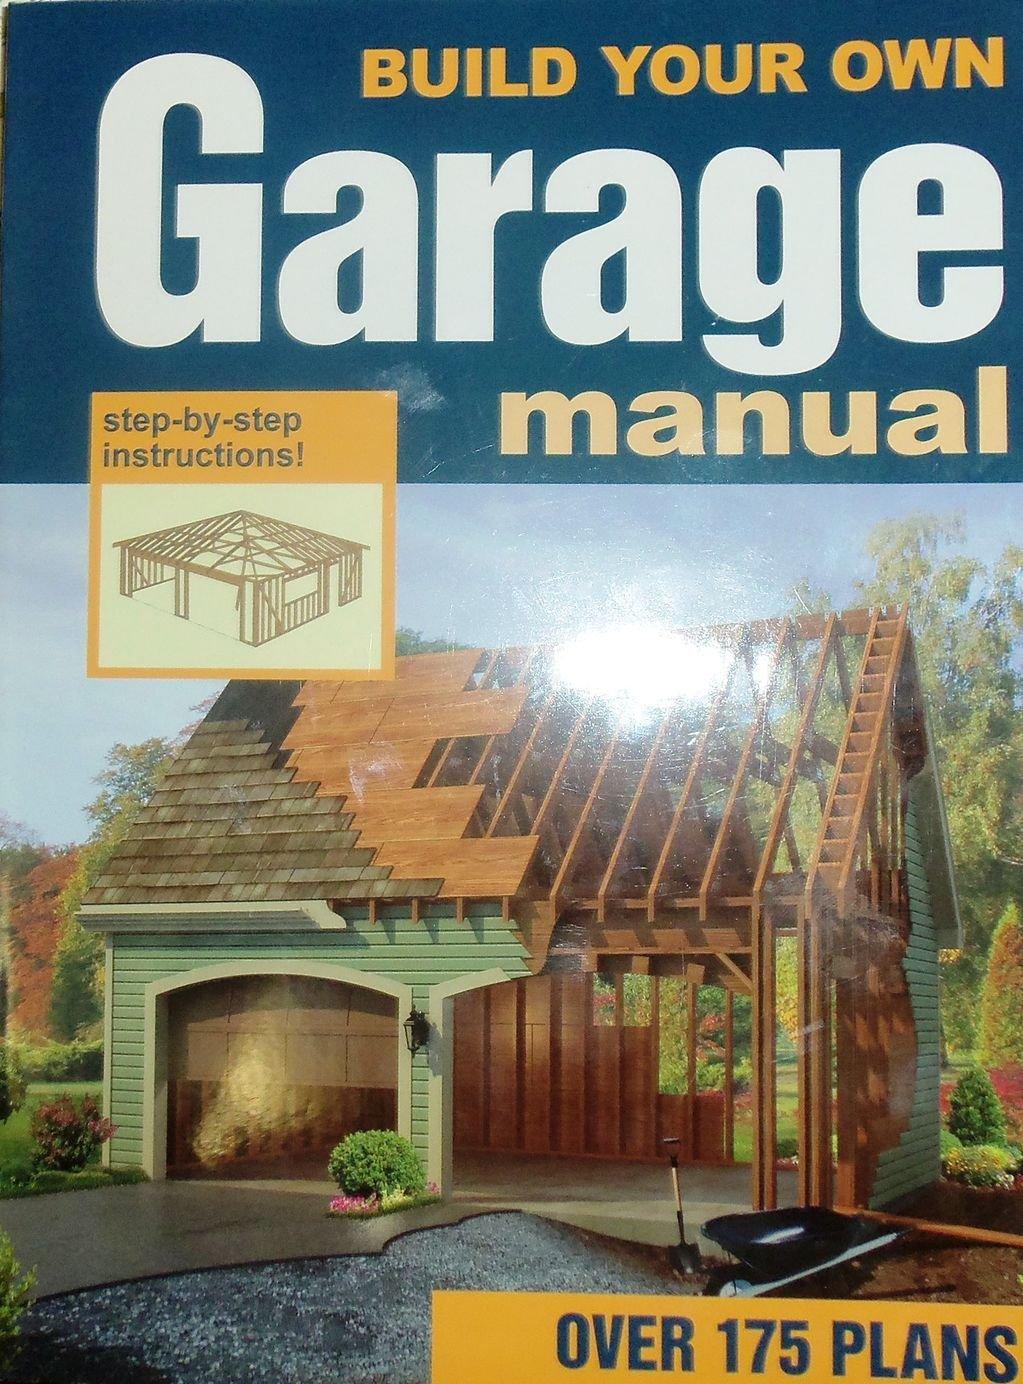 Build Your Own Garage >> Build Your Own Garage Manual Amazon Co Uk Michael Kirchwehm